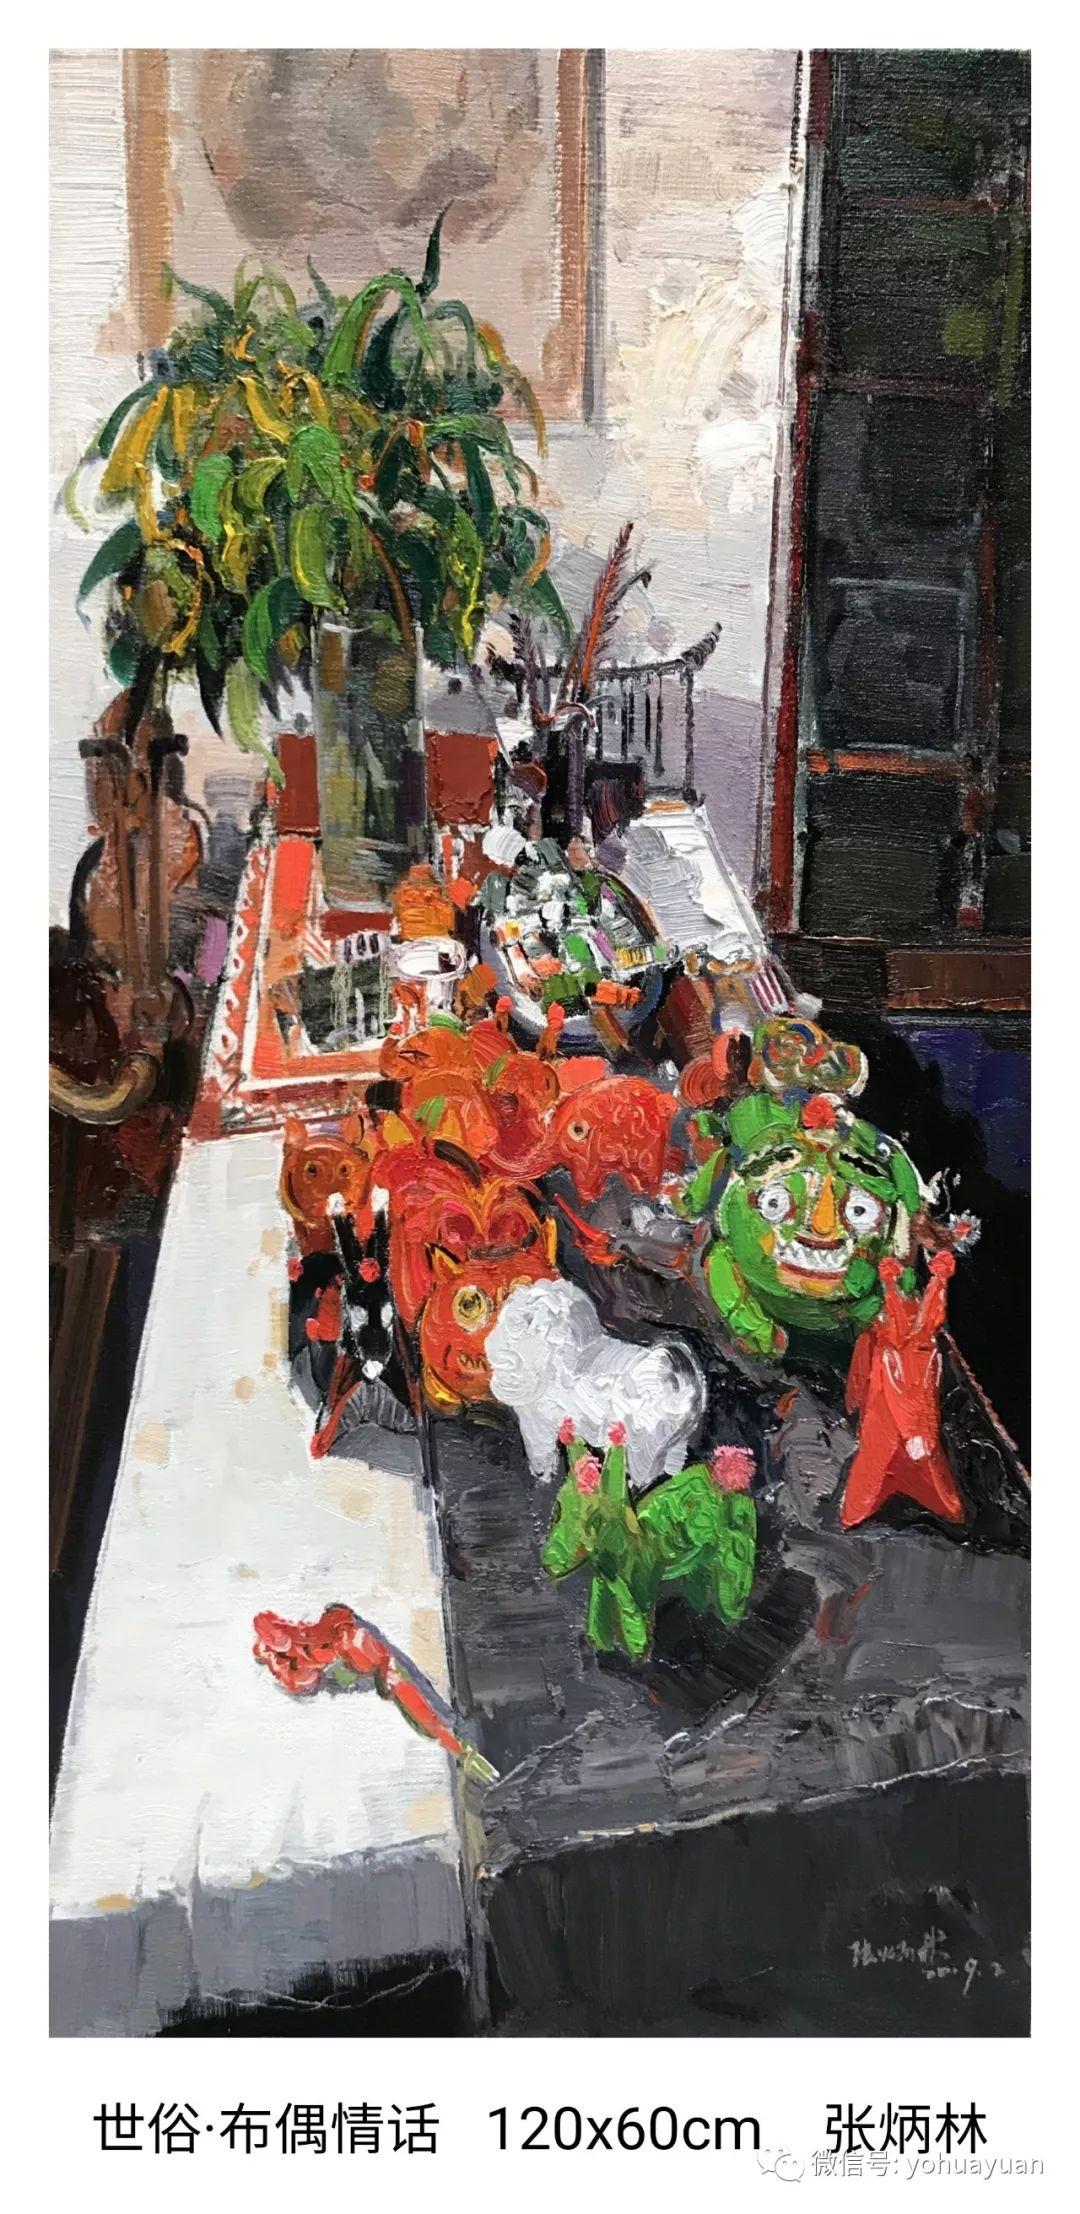 油画作品拍卖(内蒙古草原写生) 第72张 油画作品拍卖(内蒙古草原写生) 蒙古画廊